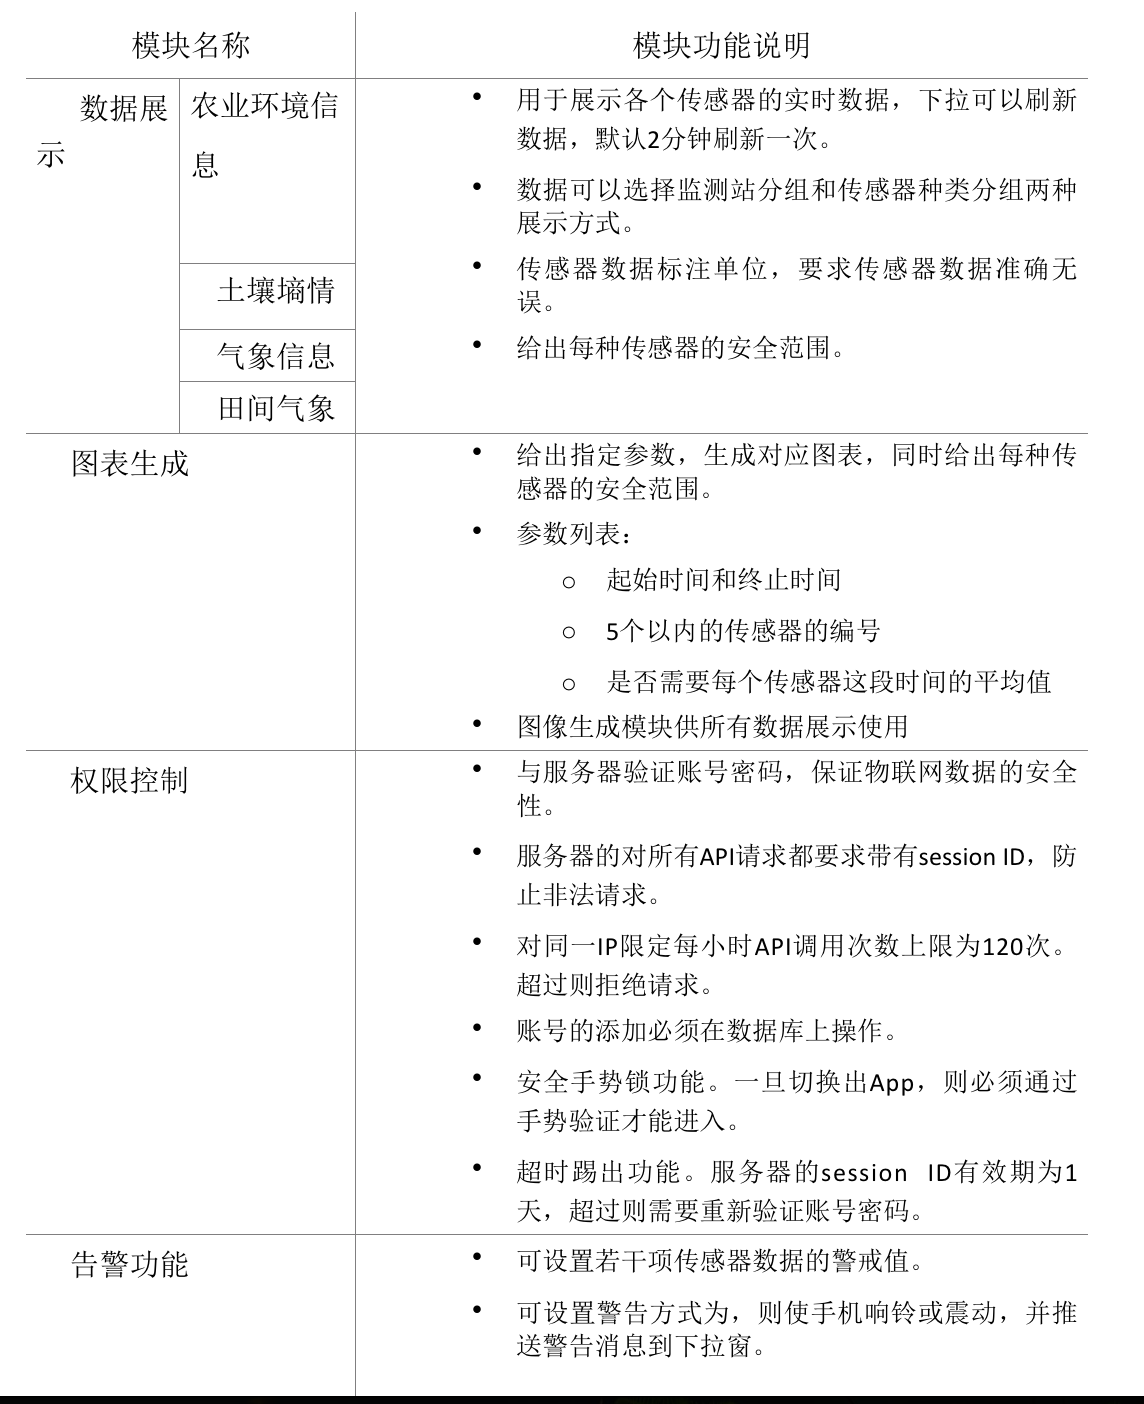 功能设计表